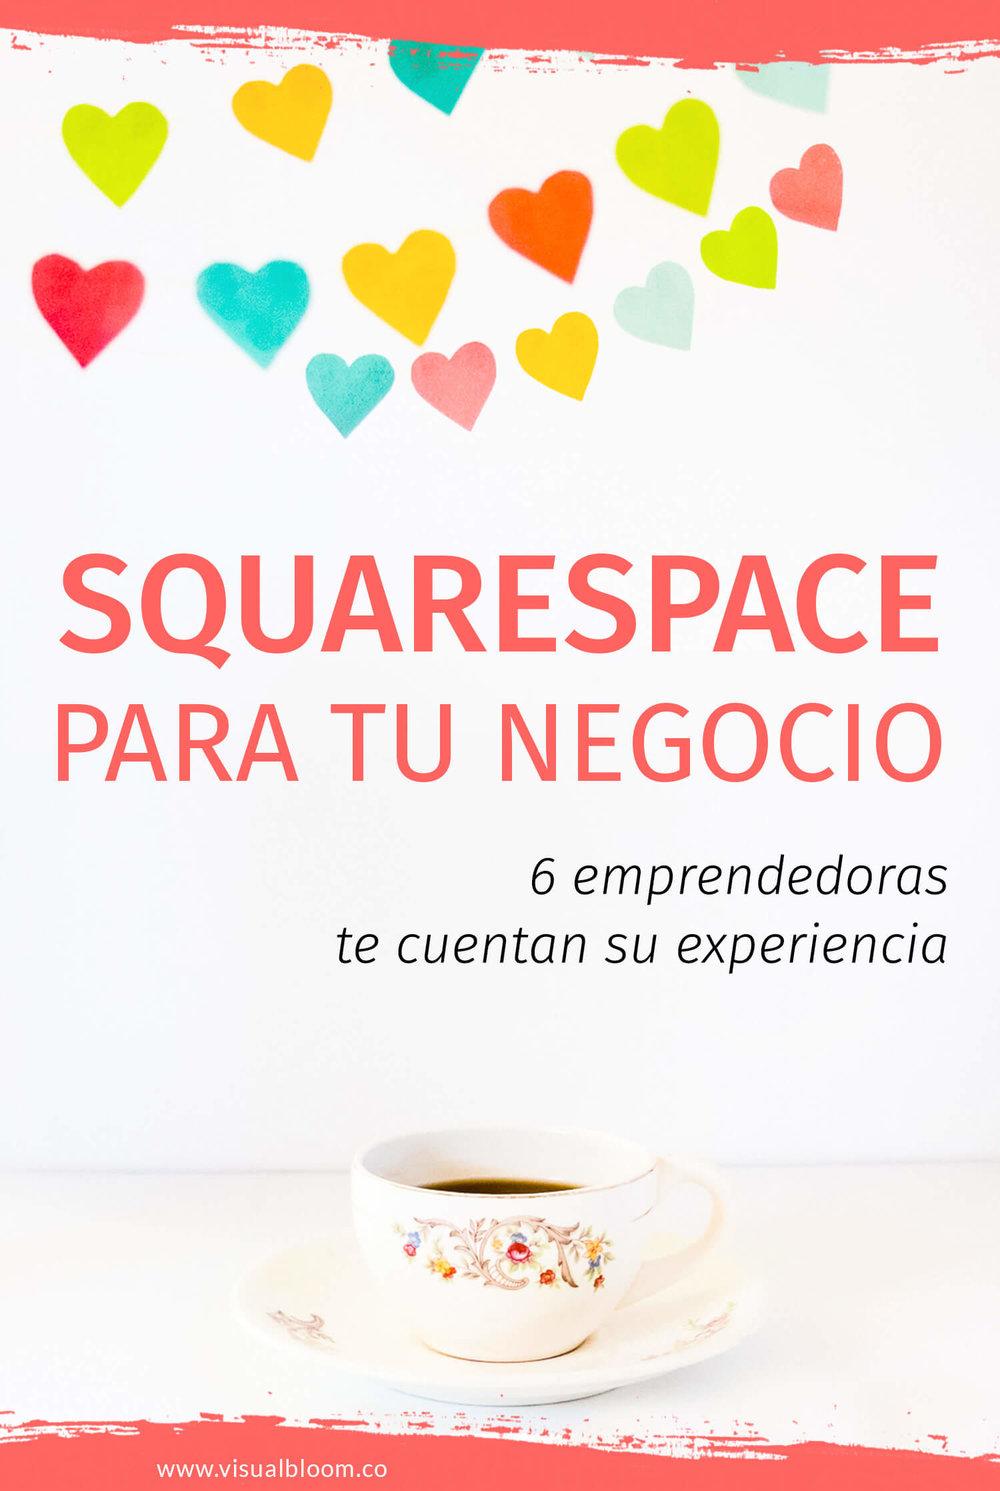 En este post te presento a seis emprendedoras que usan Squarespace para la web de sus negocios, para que te cuenten su experiencia y las ventajas de esta plataforma.